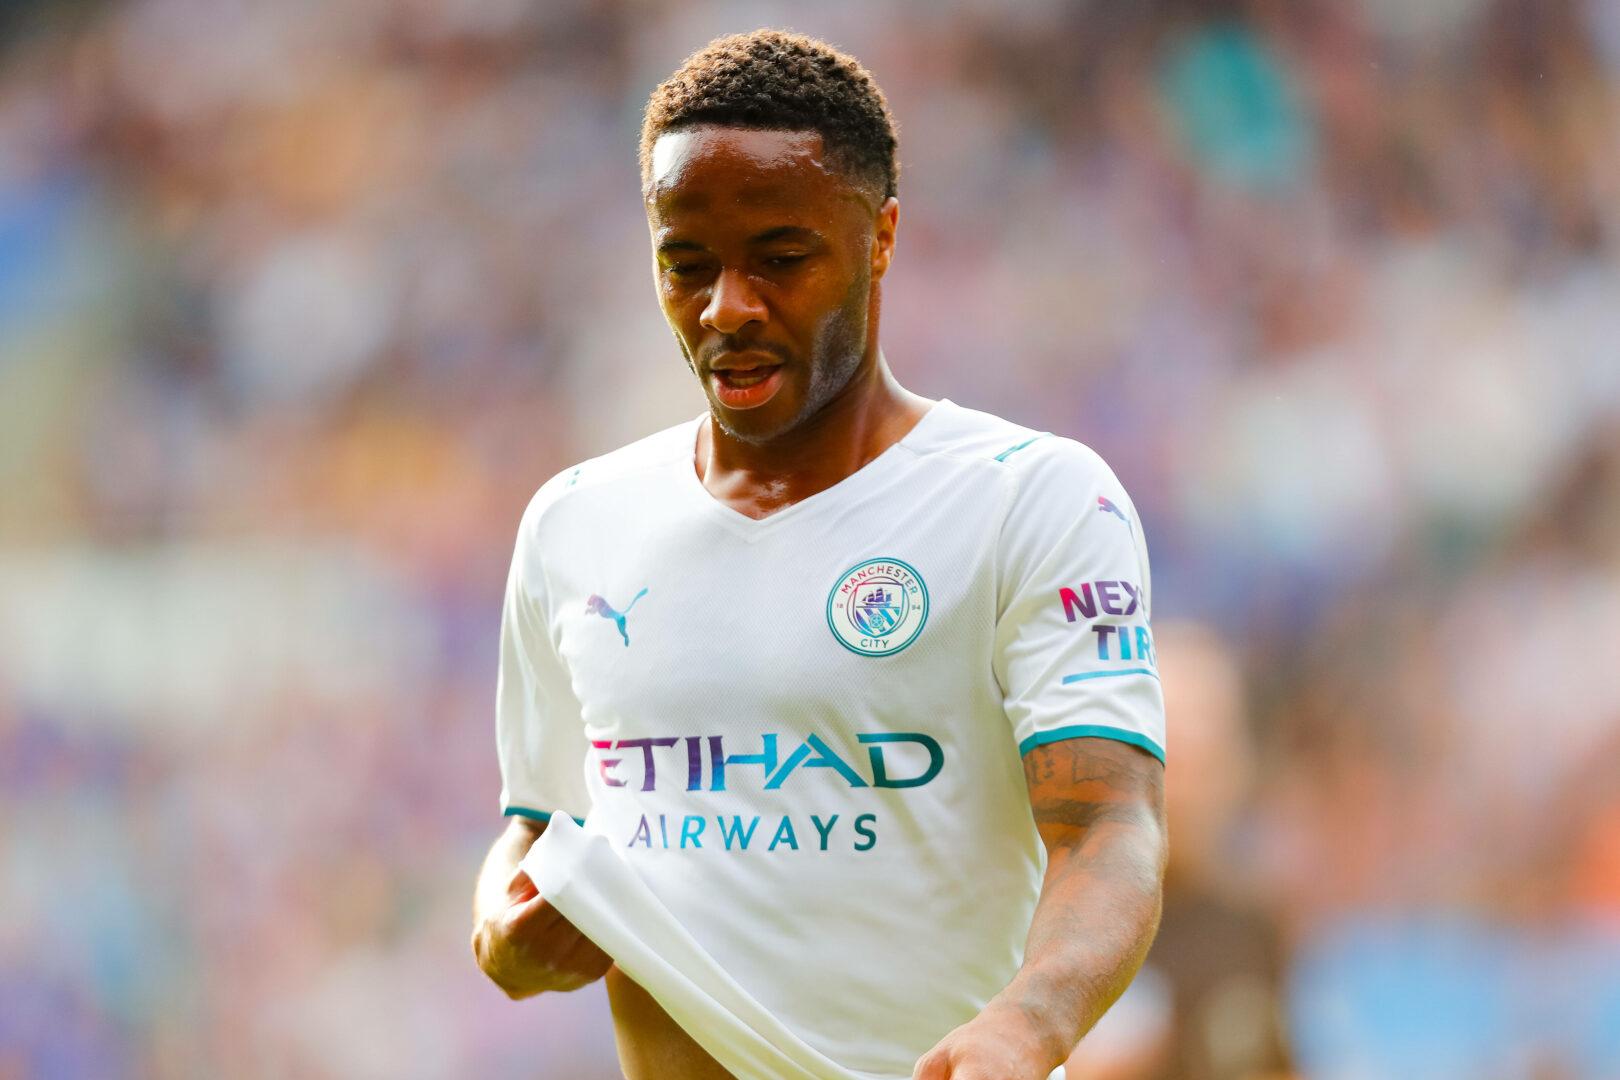 Raheem Sterling beim Auswärtsspiel von Manchester City in Leicester.